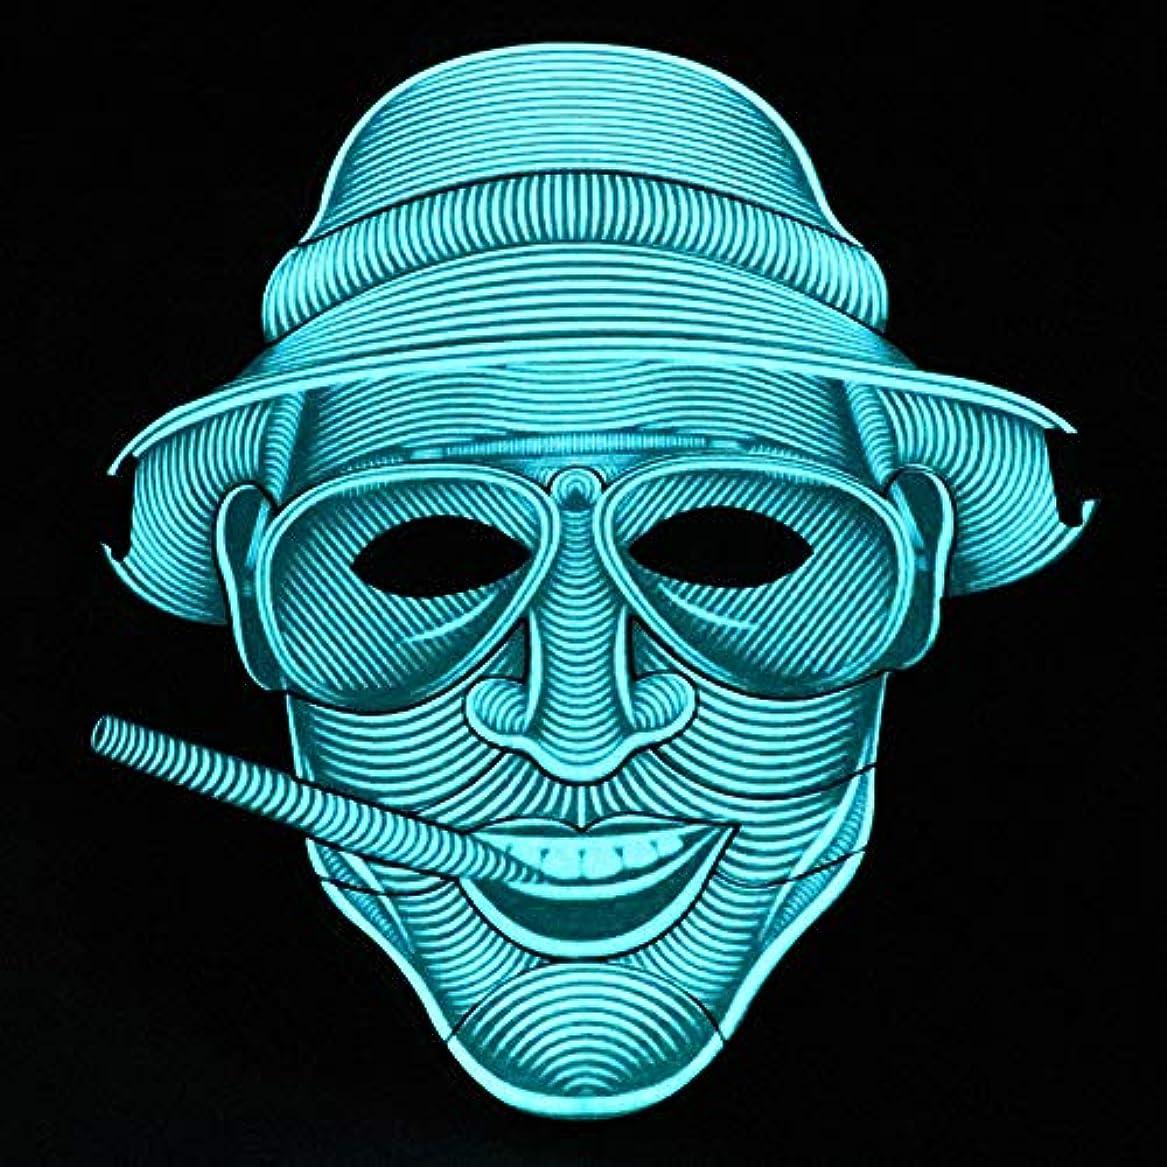 描く伴う位置づける照らされたマスクLED創造的な冷光音響制御マスクハロウィンバーフェスティバルダンスマスク (Color : #13)